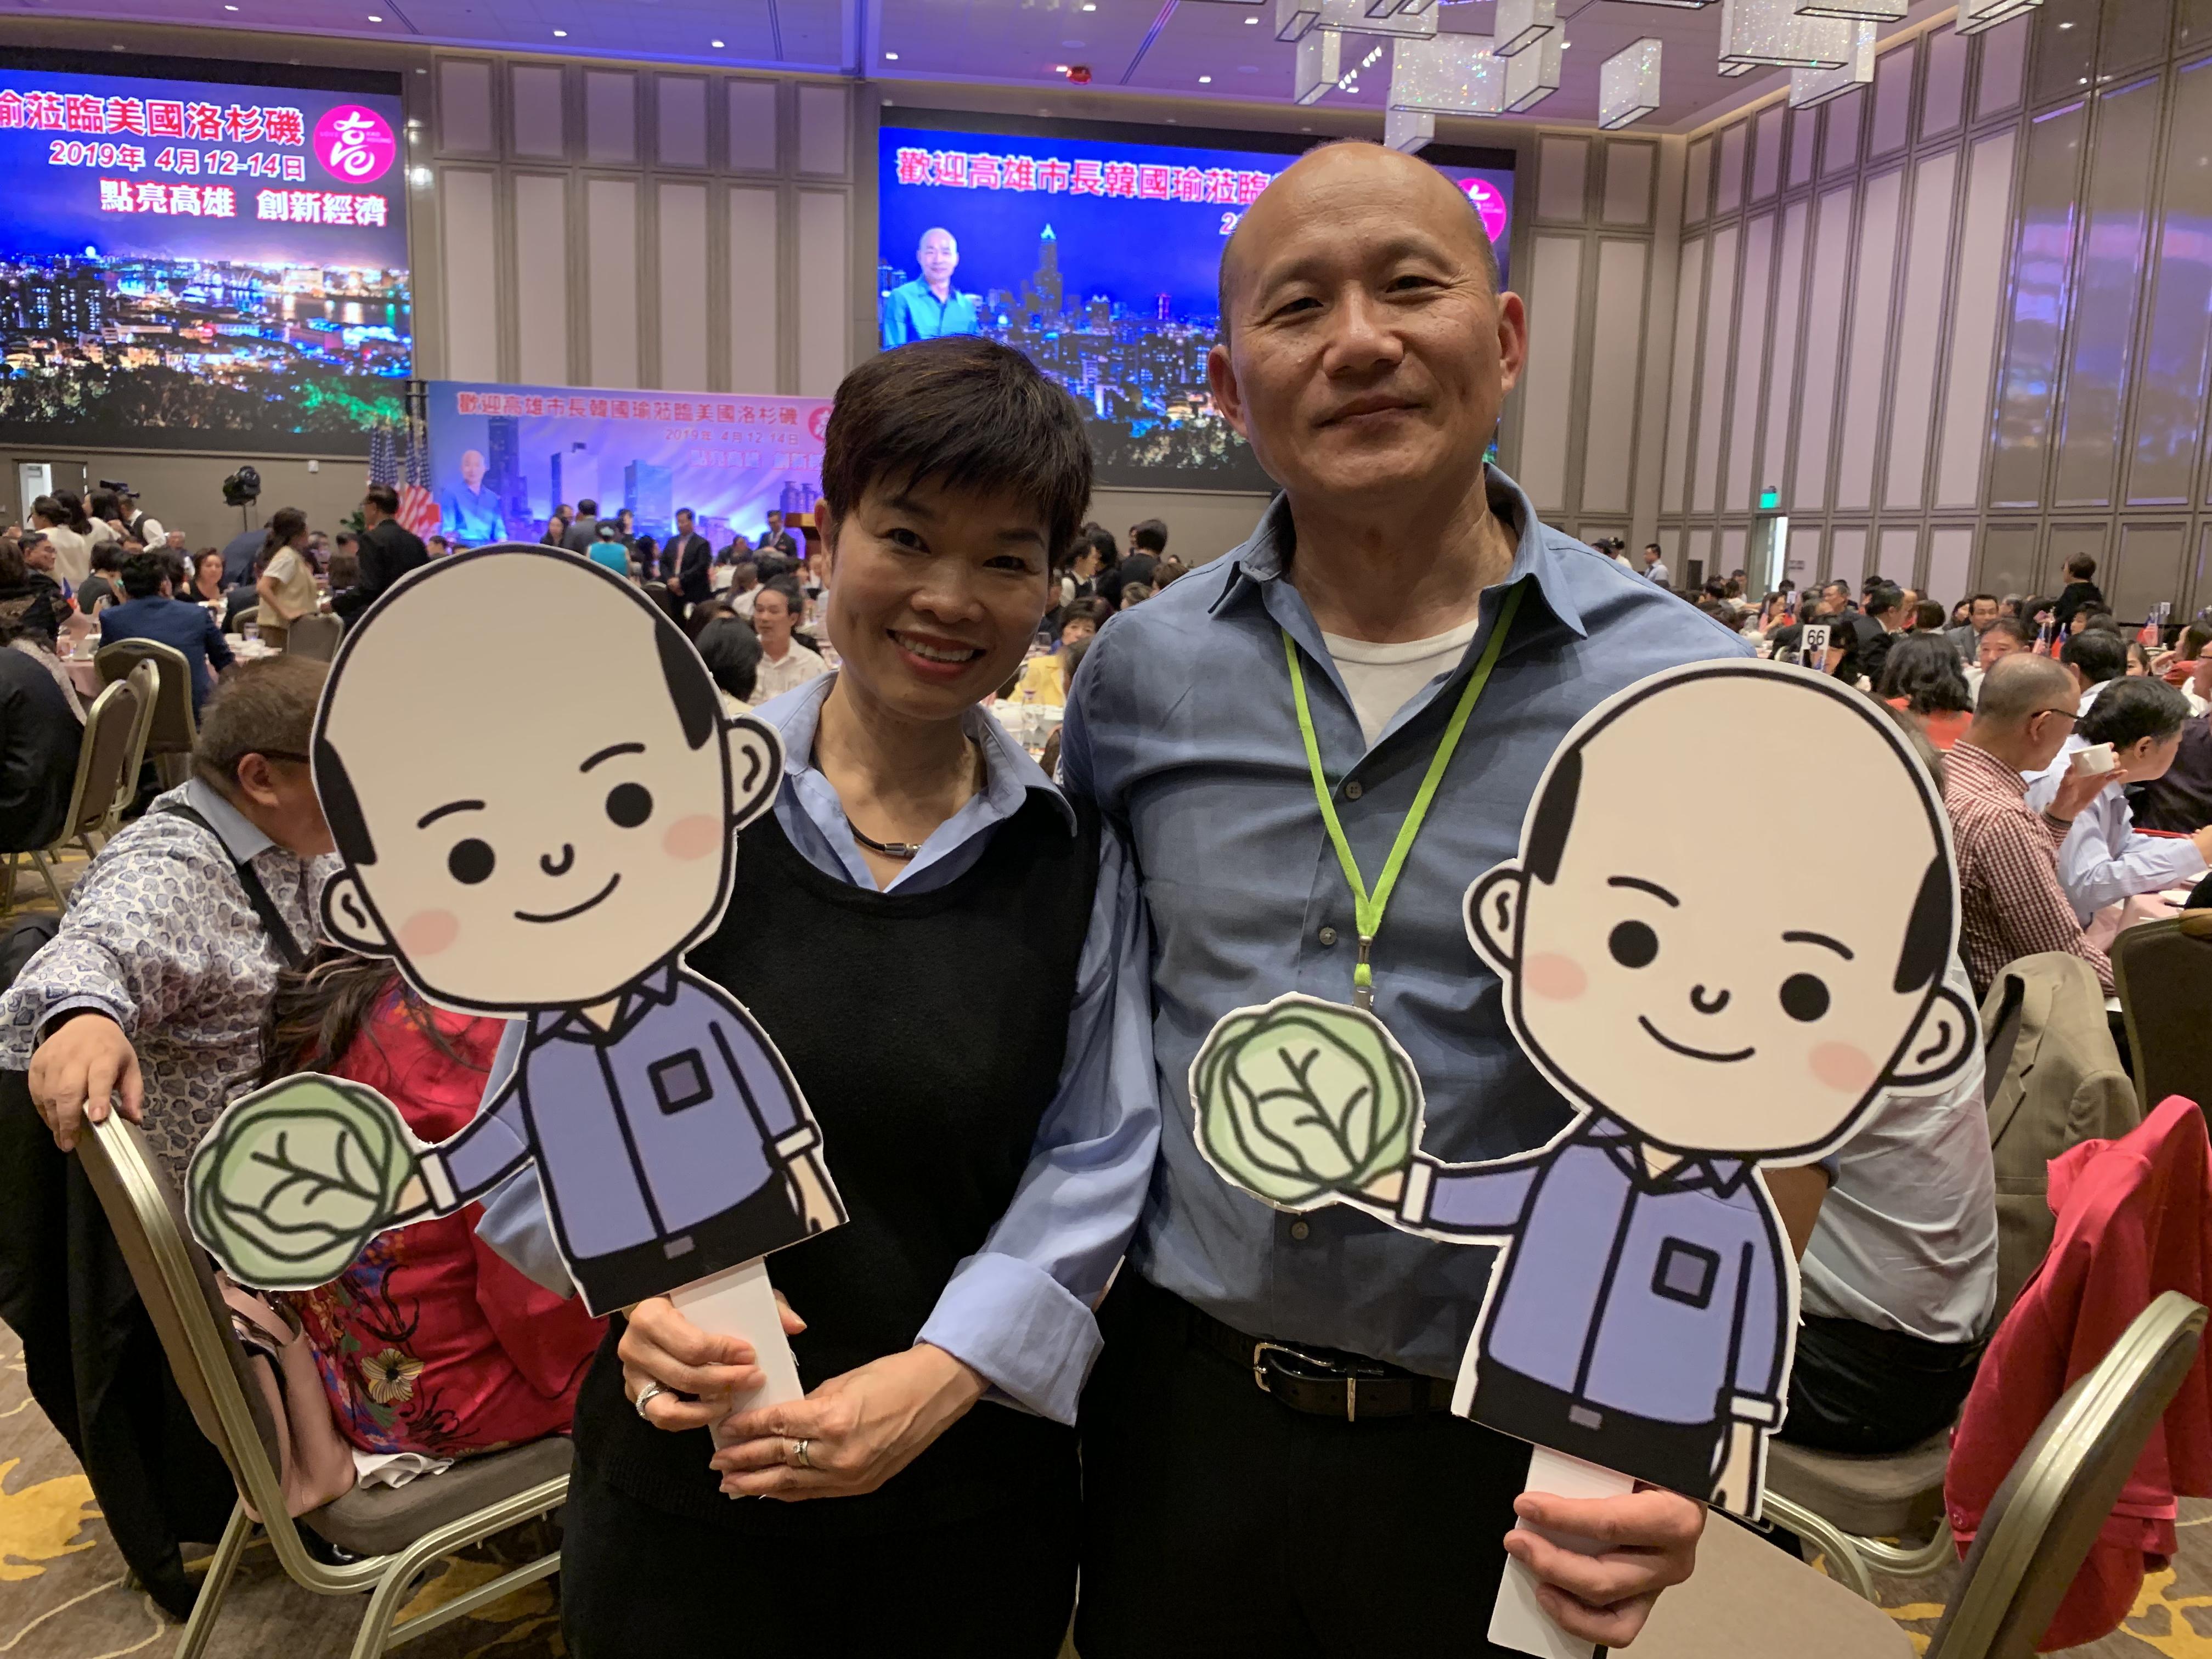 韓國瑜的支持者打扮成韓國瑜。記者黃品瑄攝